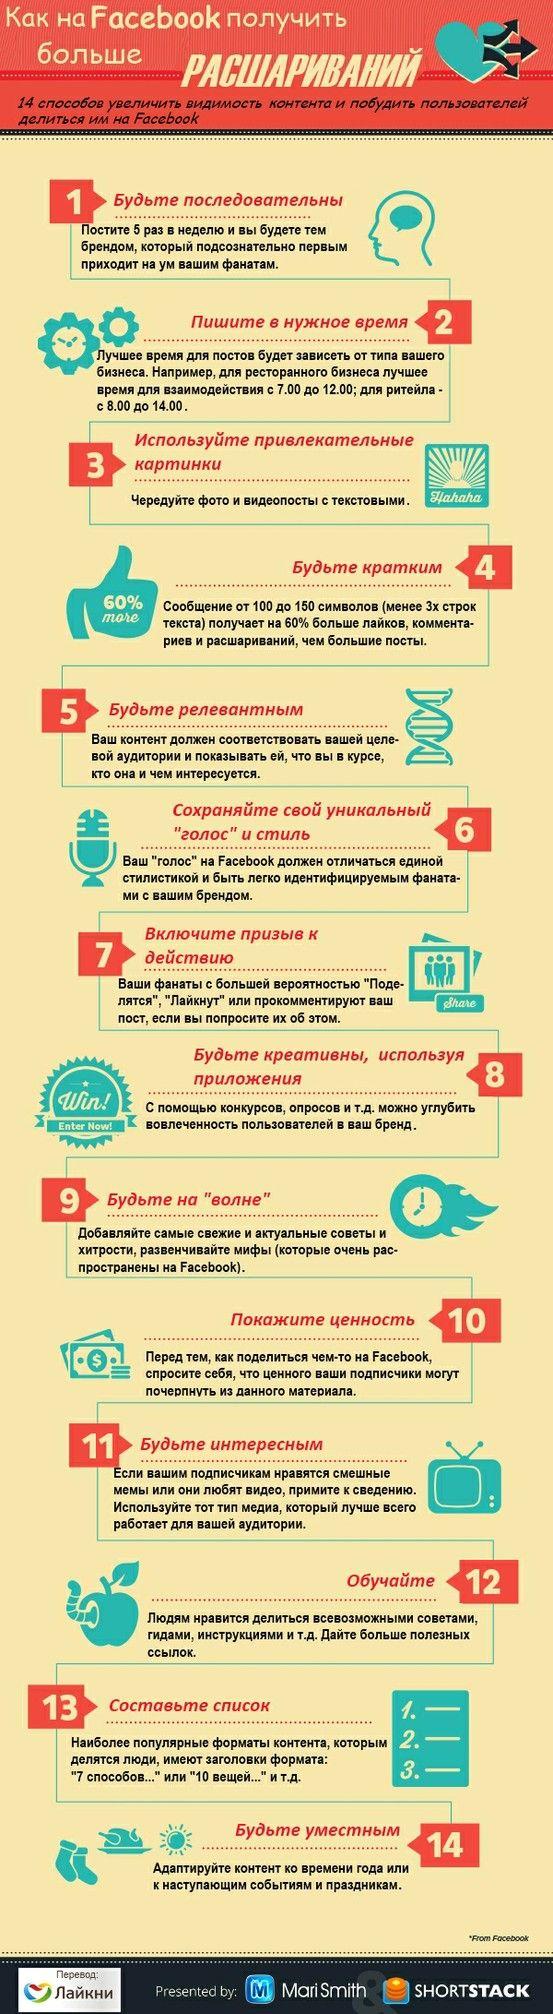 #Инфографика: Как получить больше расшариваний на Facebook